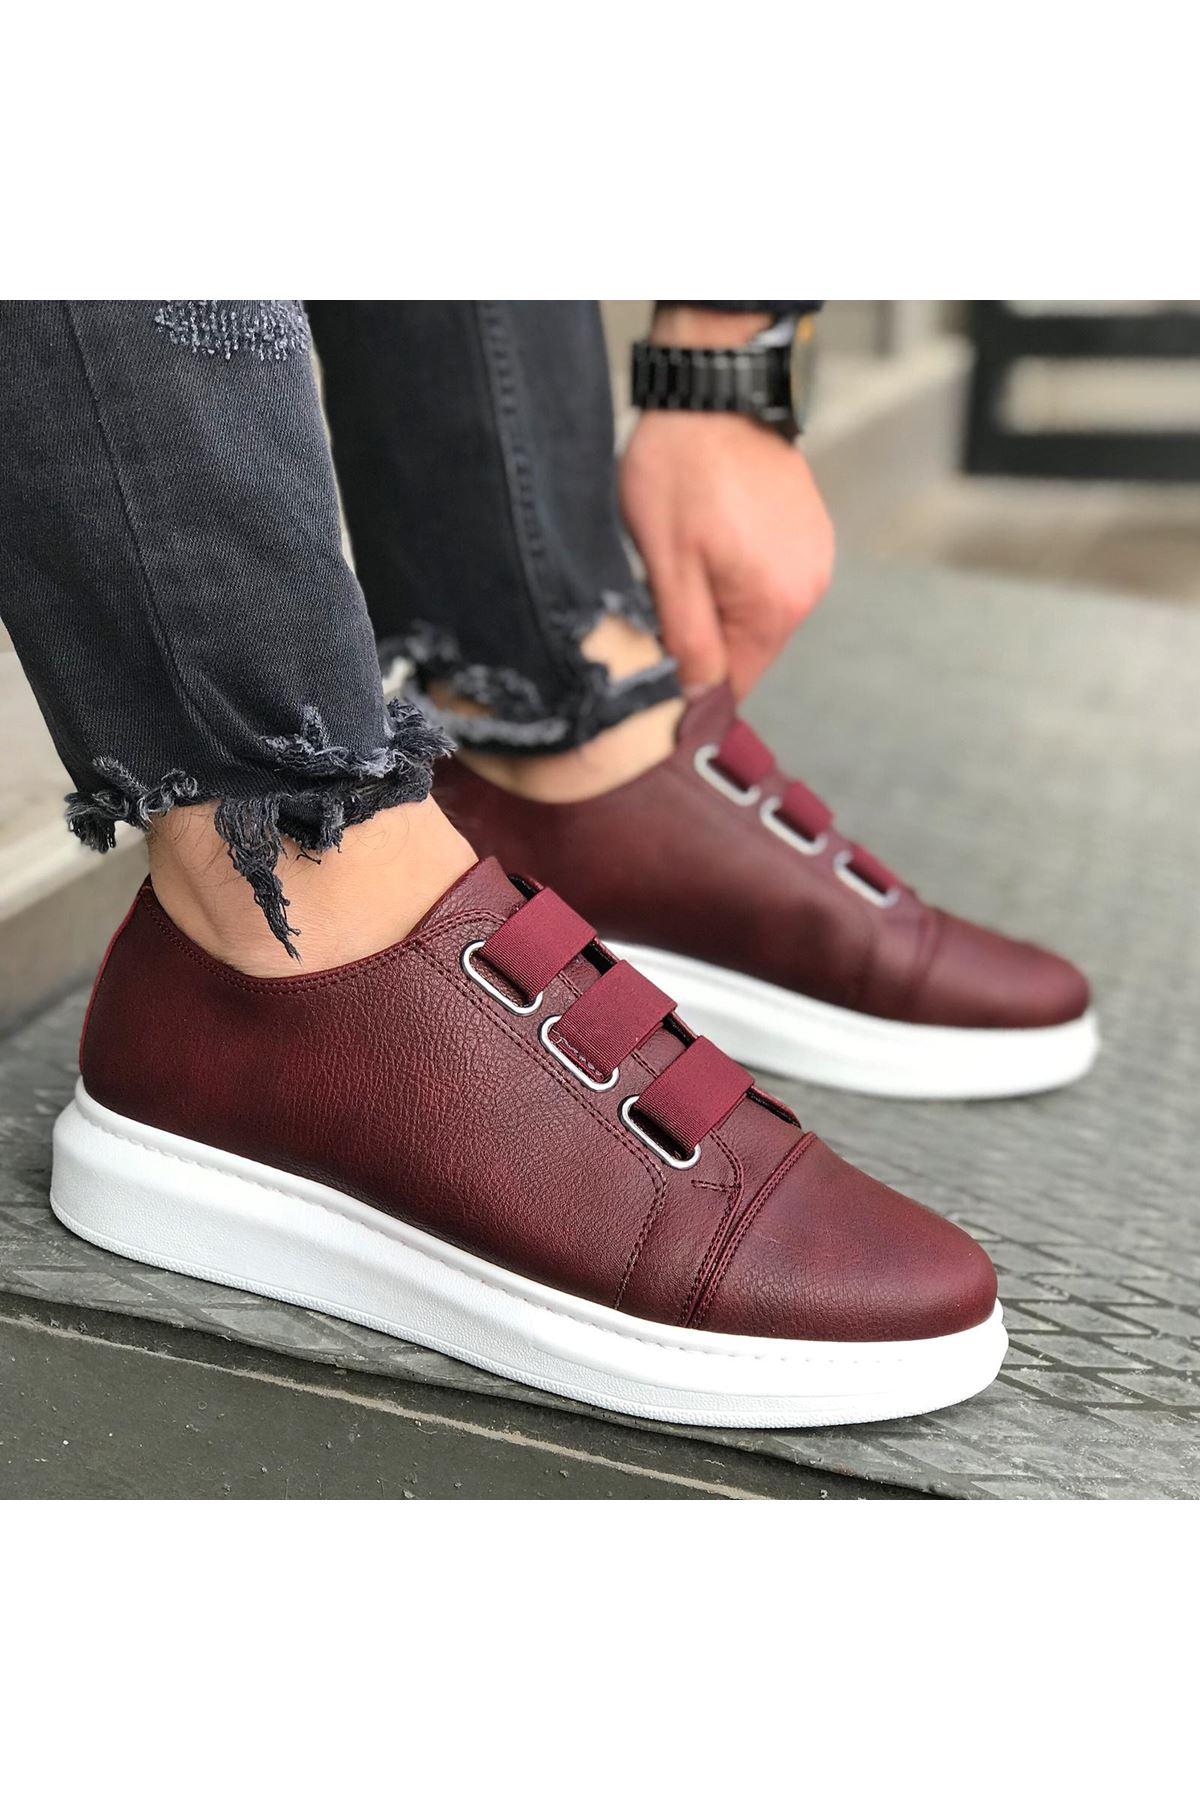 Wagoon WG026 Bordo Kalın Taban Casual Erkek Ayakkabı